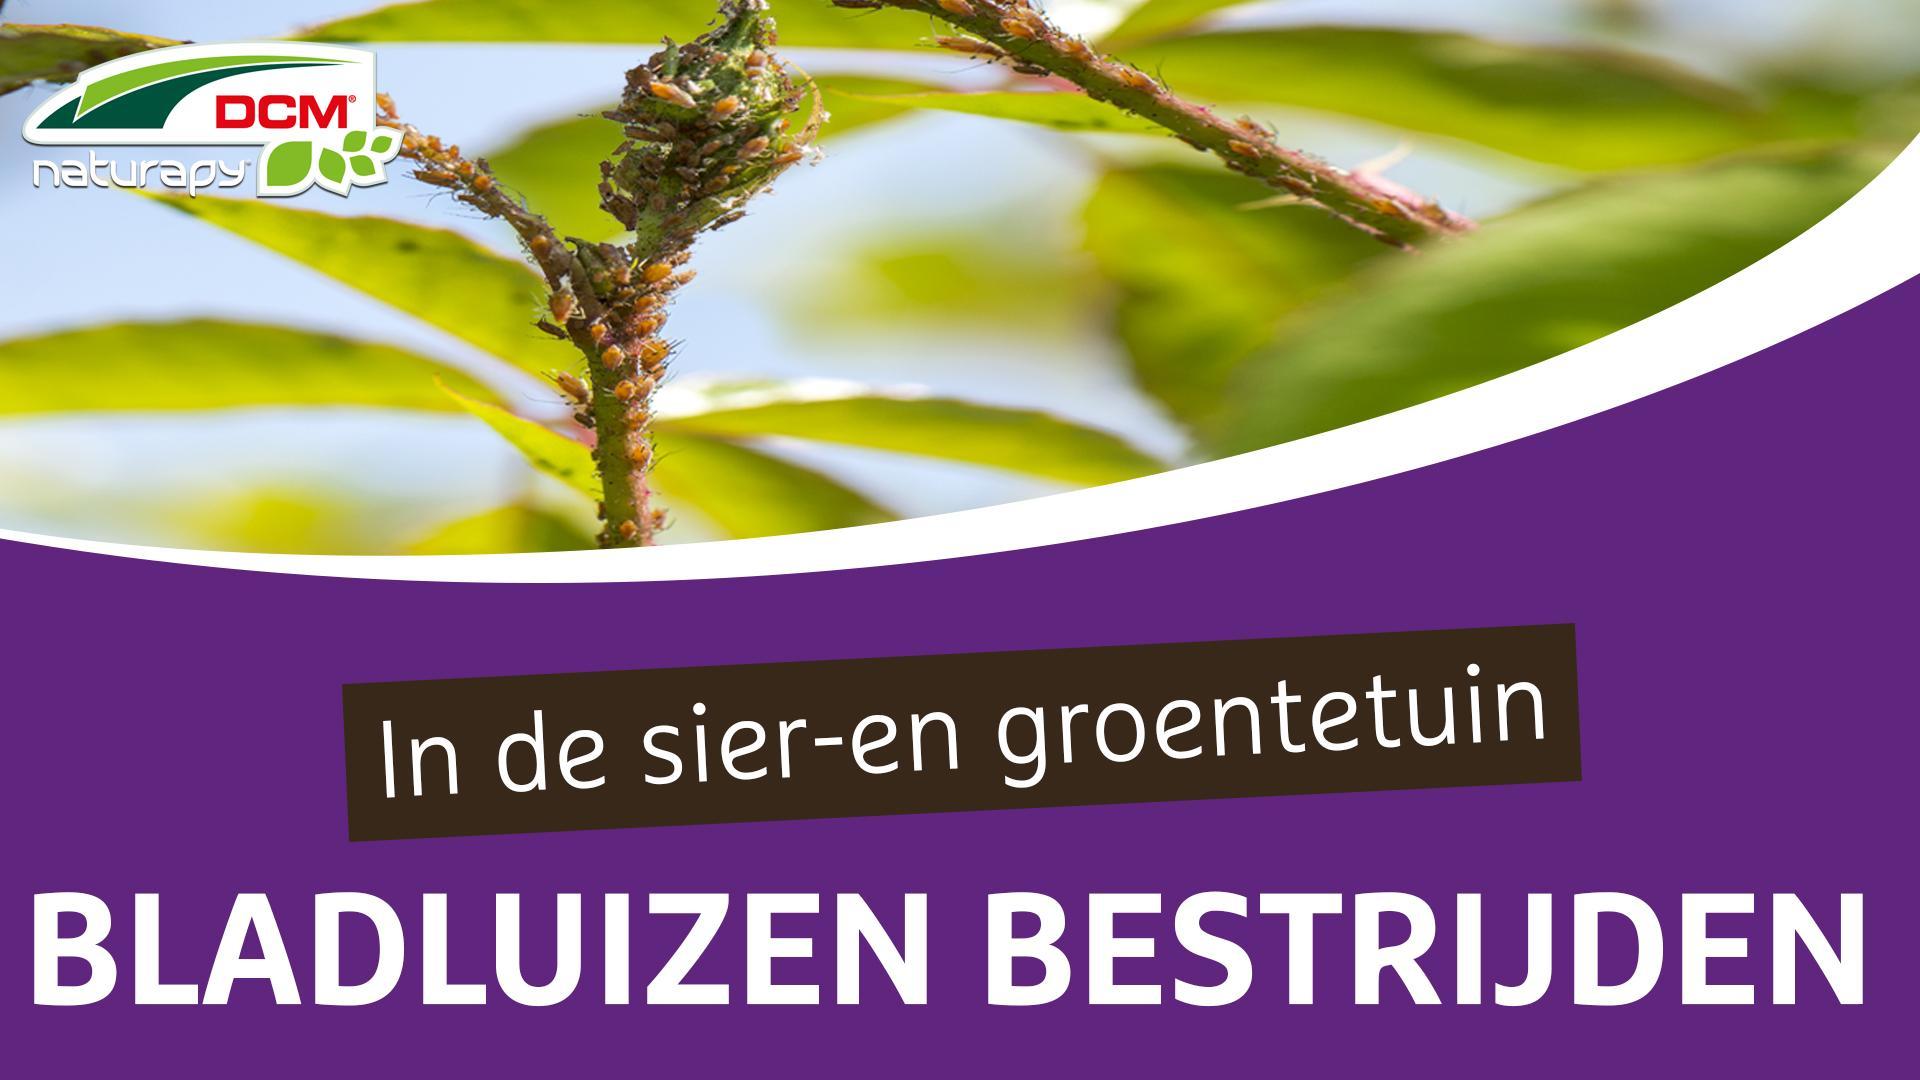 Bestrijden van bladluizen in de sier- en groentetuin - DCM Adali-Guard®